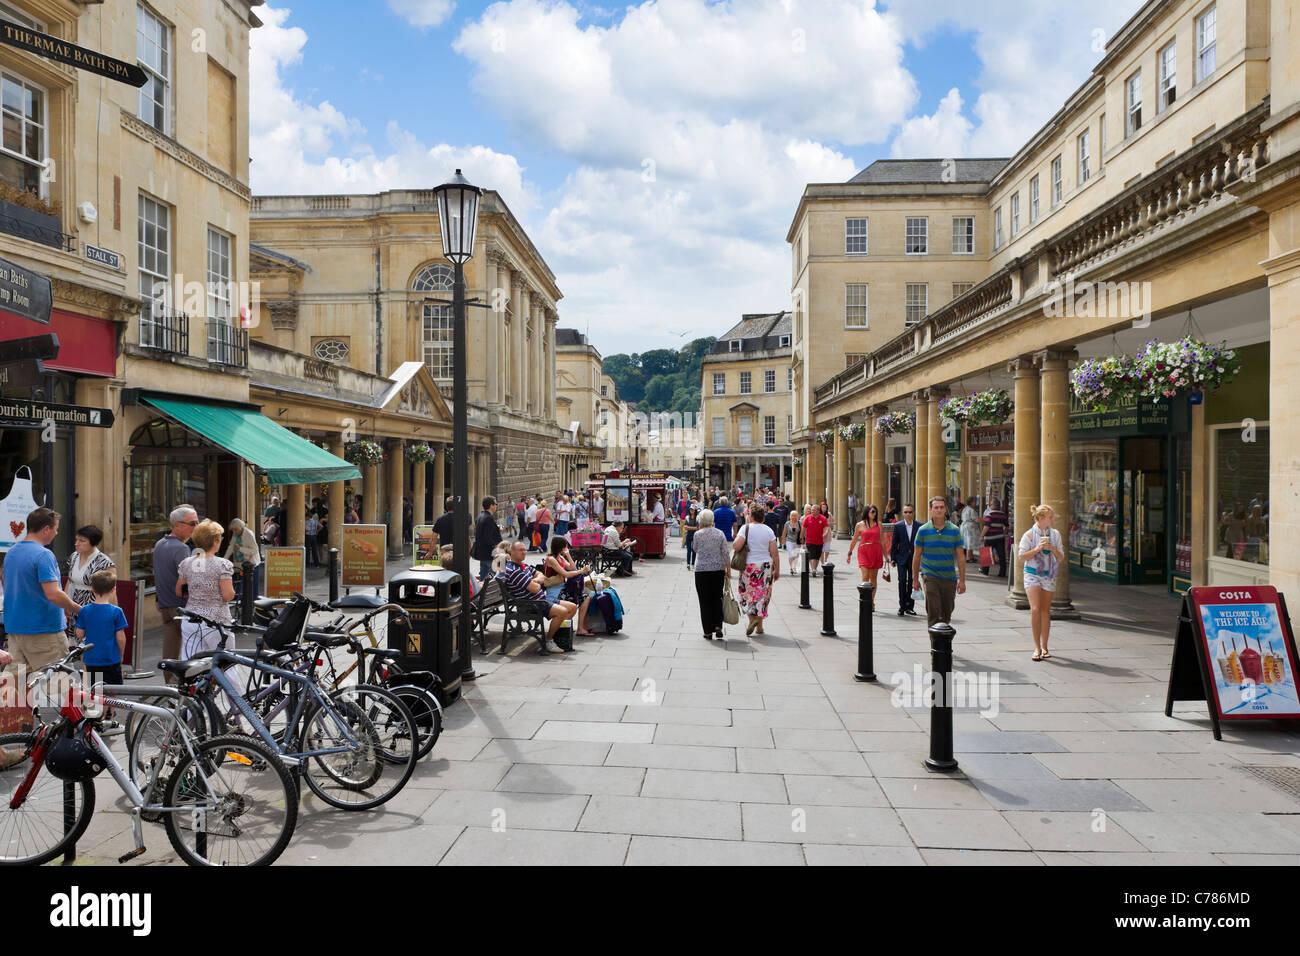 Geschäfte in Stall Straße außerhalb der römischen Bäder in Bath, Somerset, England, UK Stockbild